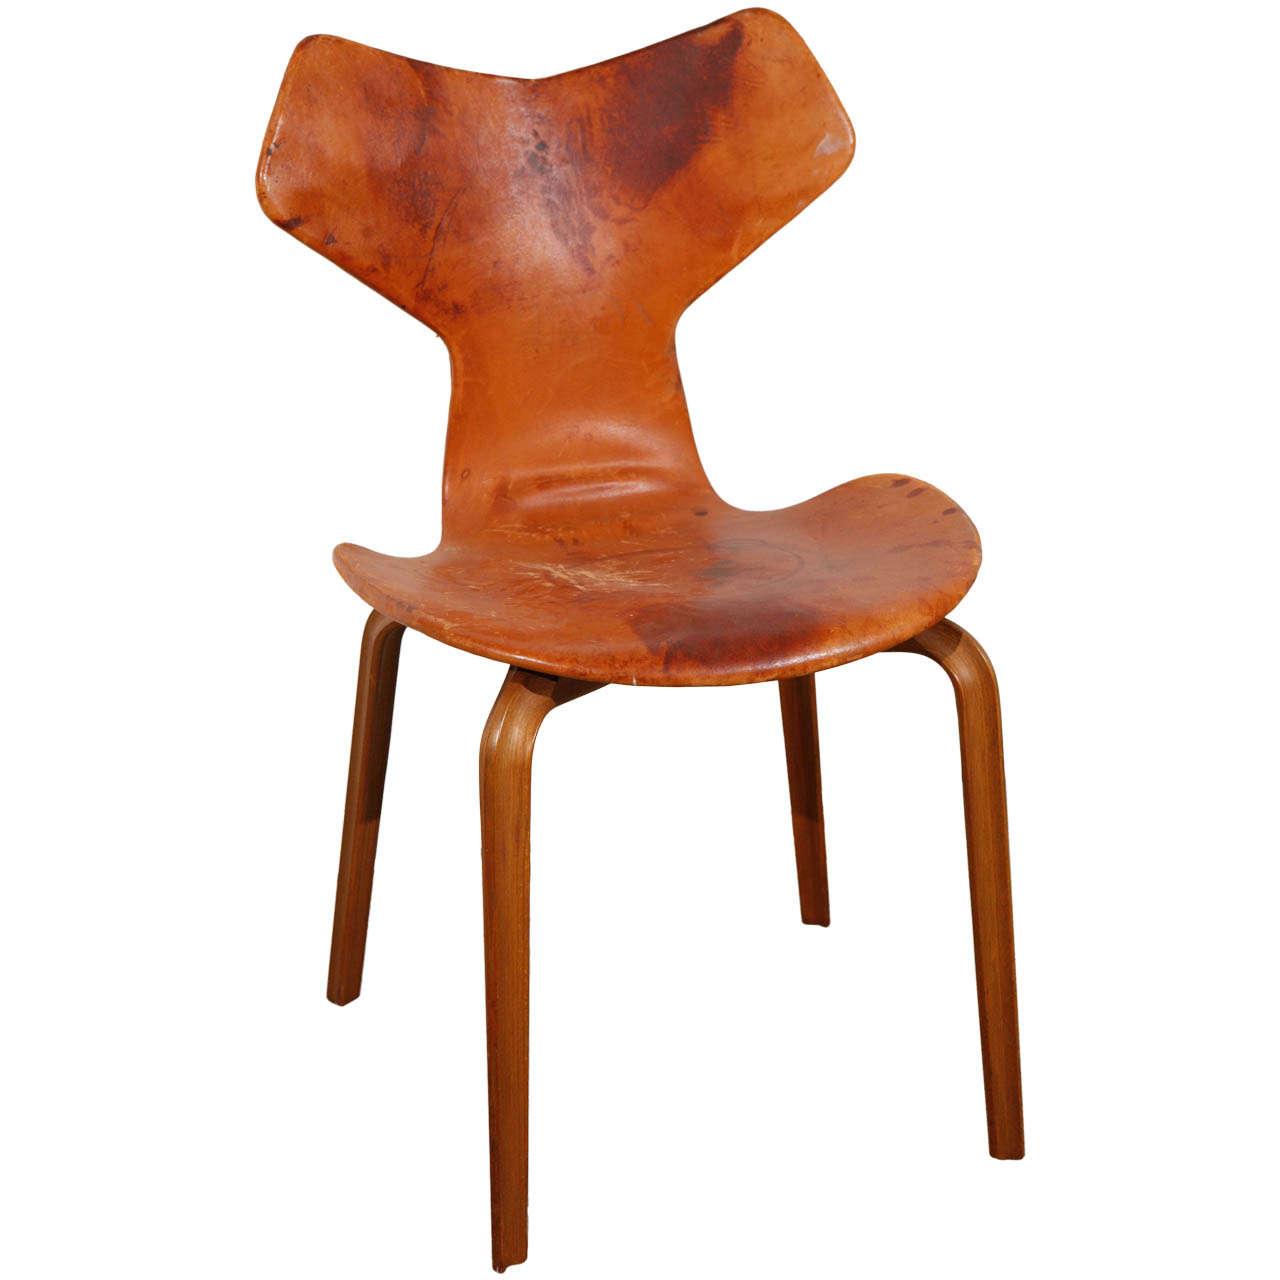 arne jacobsen 39 grand prix 39 chair at 1stdibs. Black Bedroom Furniture Sets. Home Design Ideas